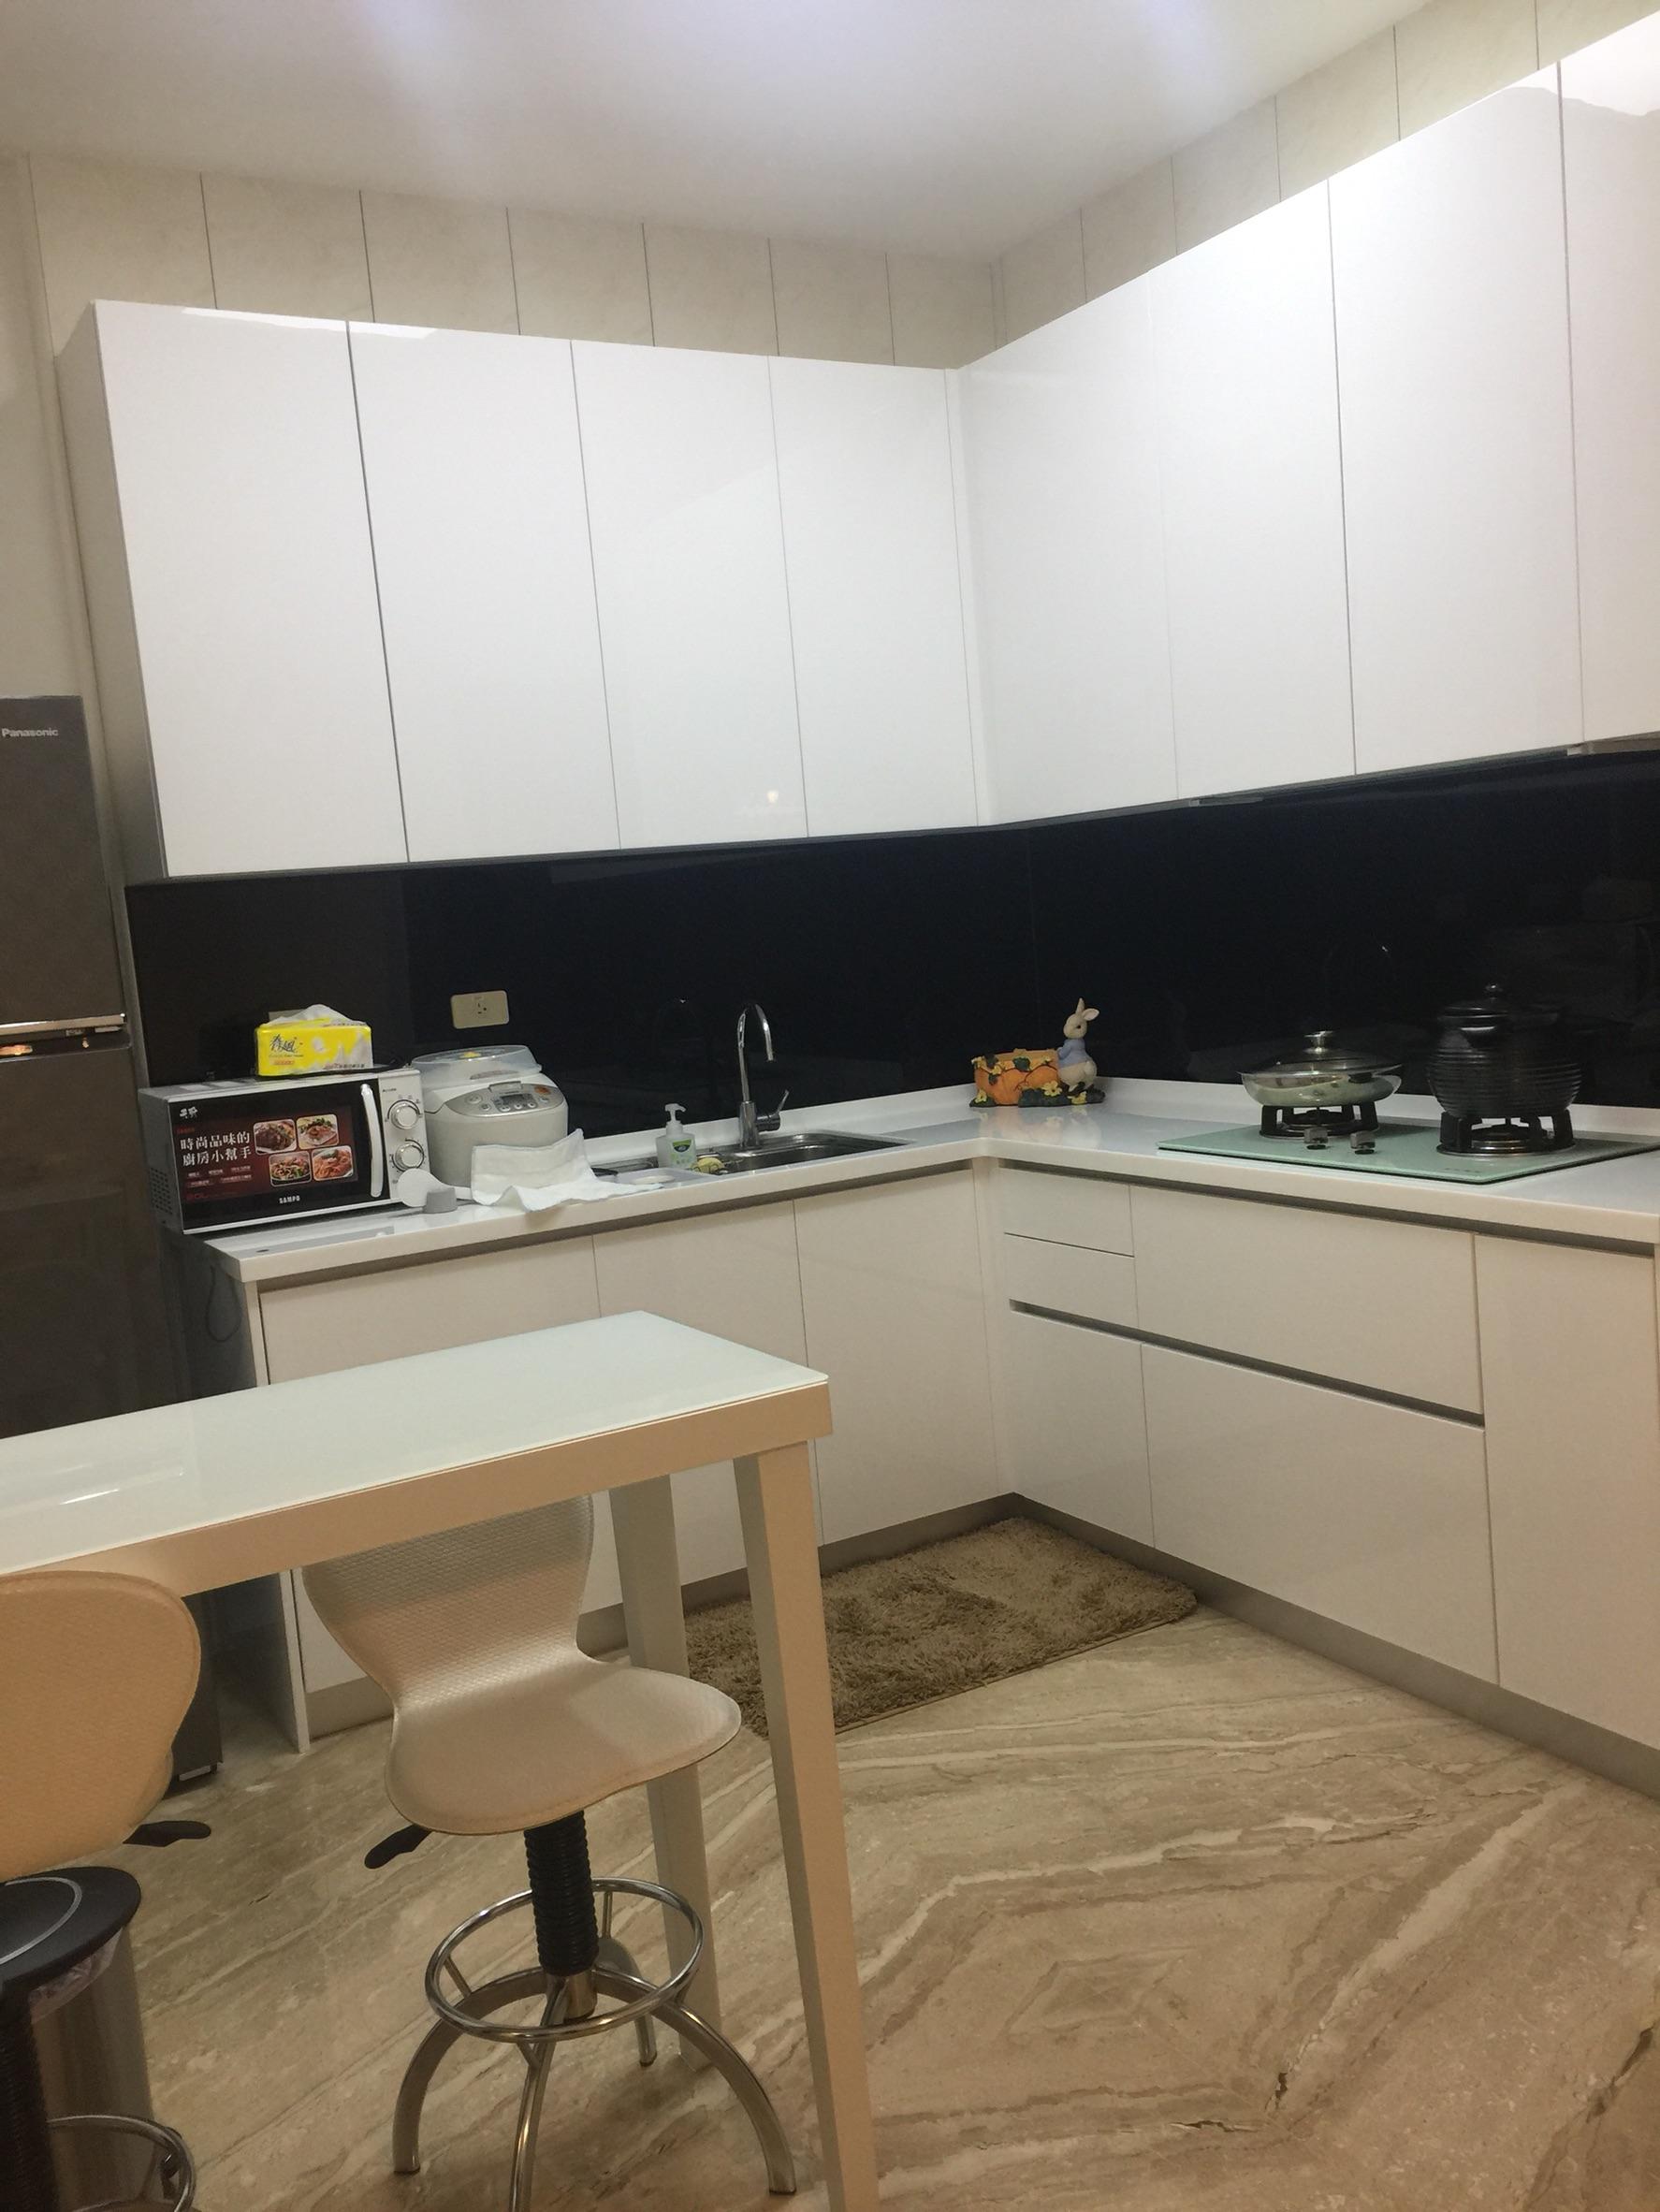 宜蘭獨棟透天5樓全新建屋裝潢家具齊全-現在直接入住